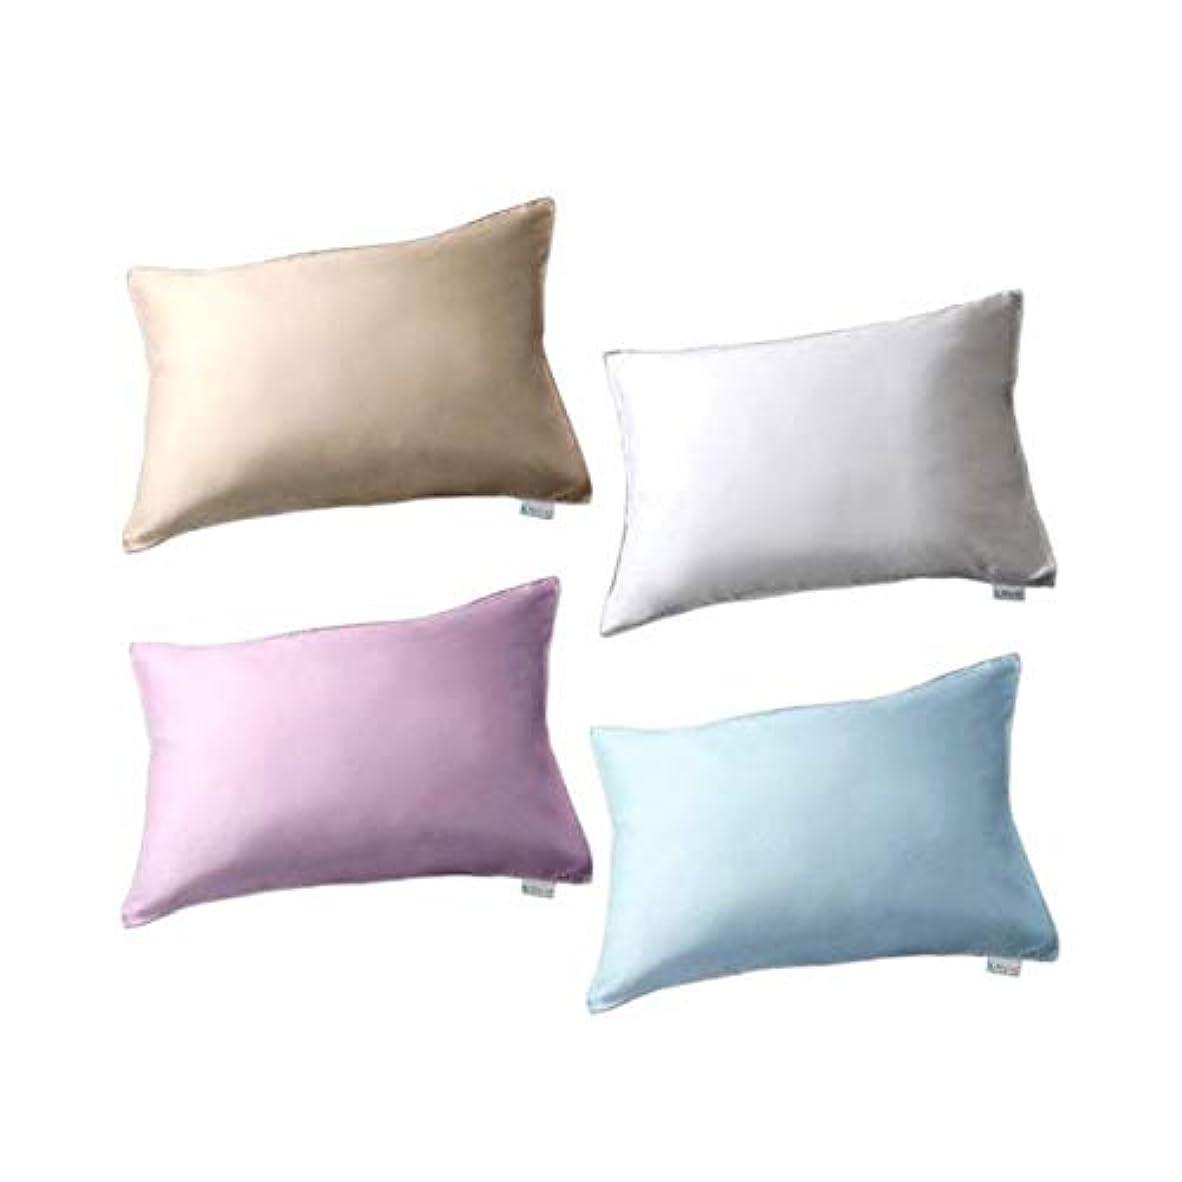 マニフェスト一握りクリーナーこちらの商品は【 ゴールド 】のみです。 デンマーク生まれの洗える枕? デンマーク fossflakes Royale(ロイヤーレ)枕 TENCEL(テンセル)100%枕カバー付 50×70cm 〈簡易梱包